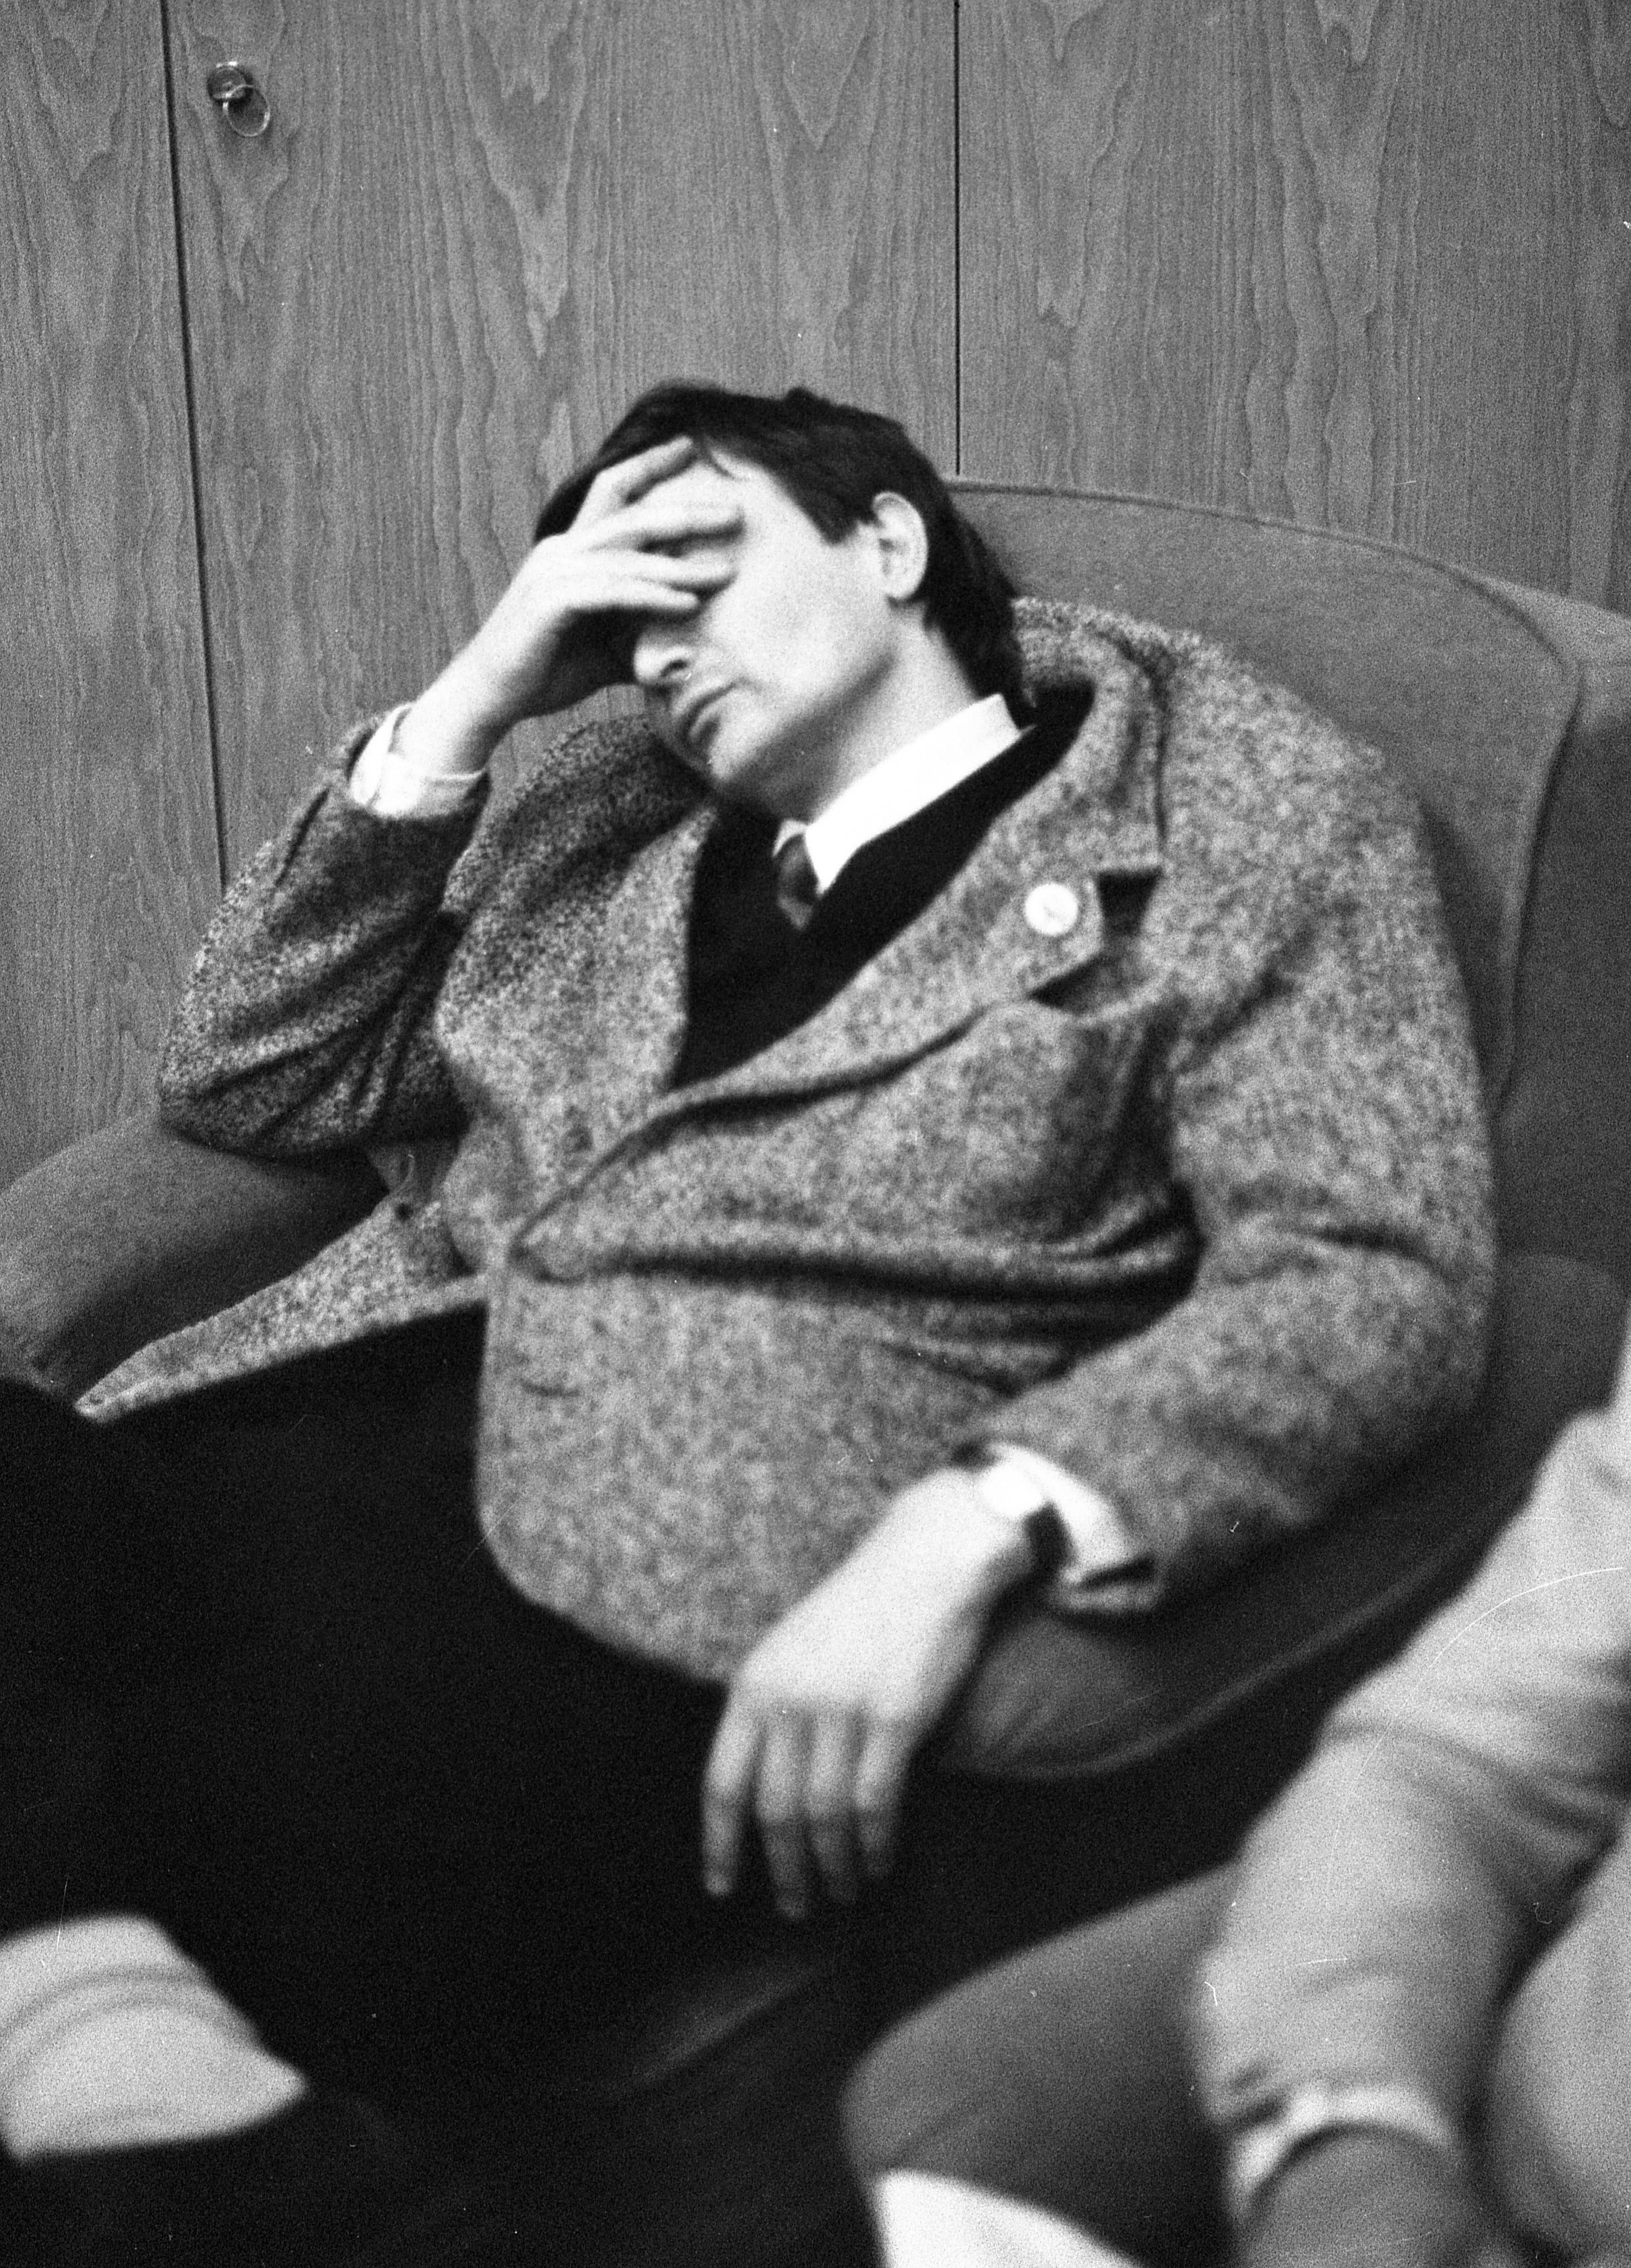 Nehéz követni a kommunista titkosszolgálat logikáját, hogy mitől lett Székes a megfigyelt Demszky Gábor fedőneve